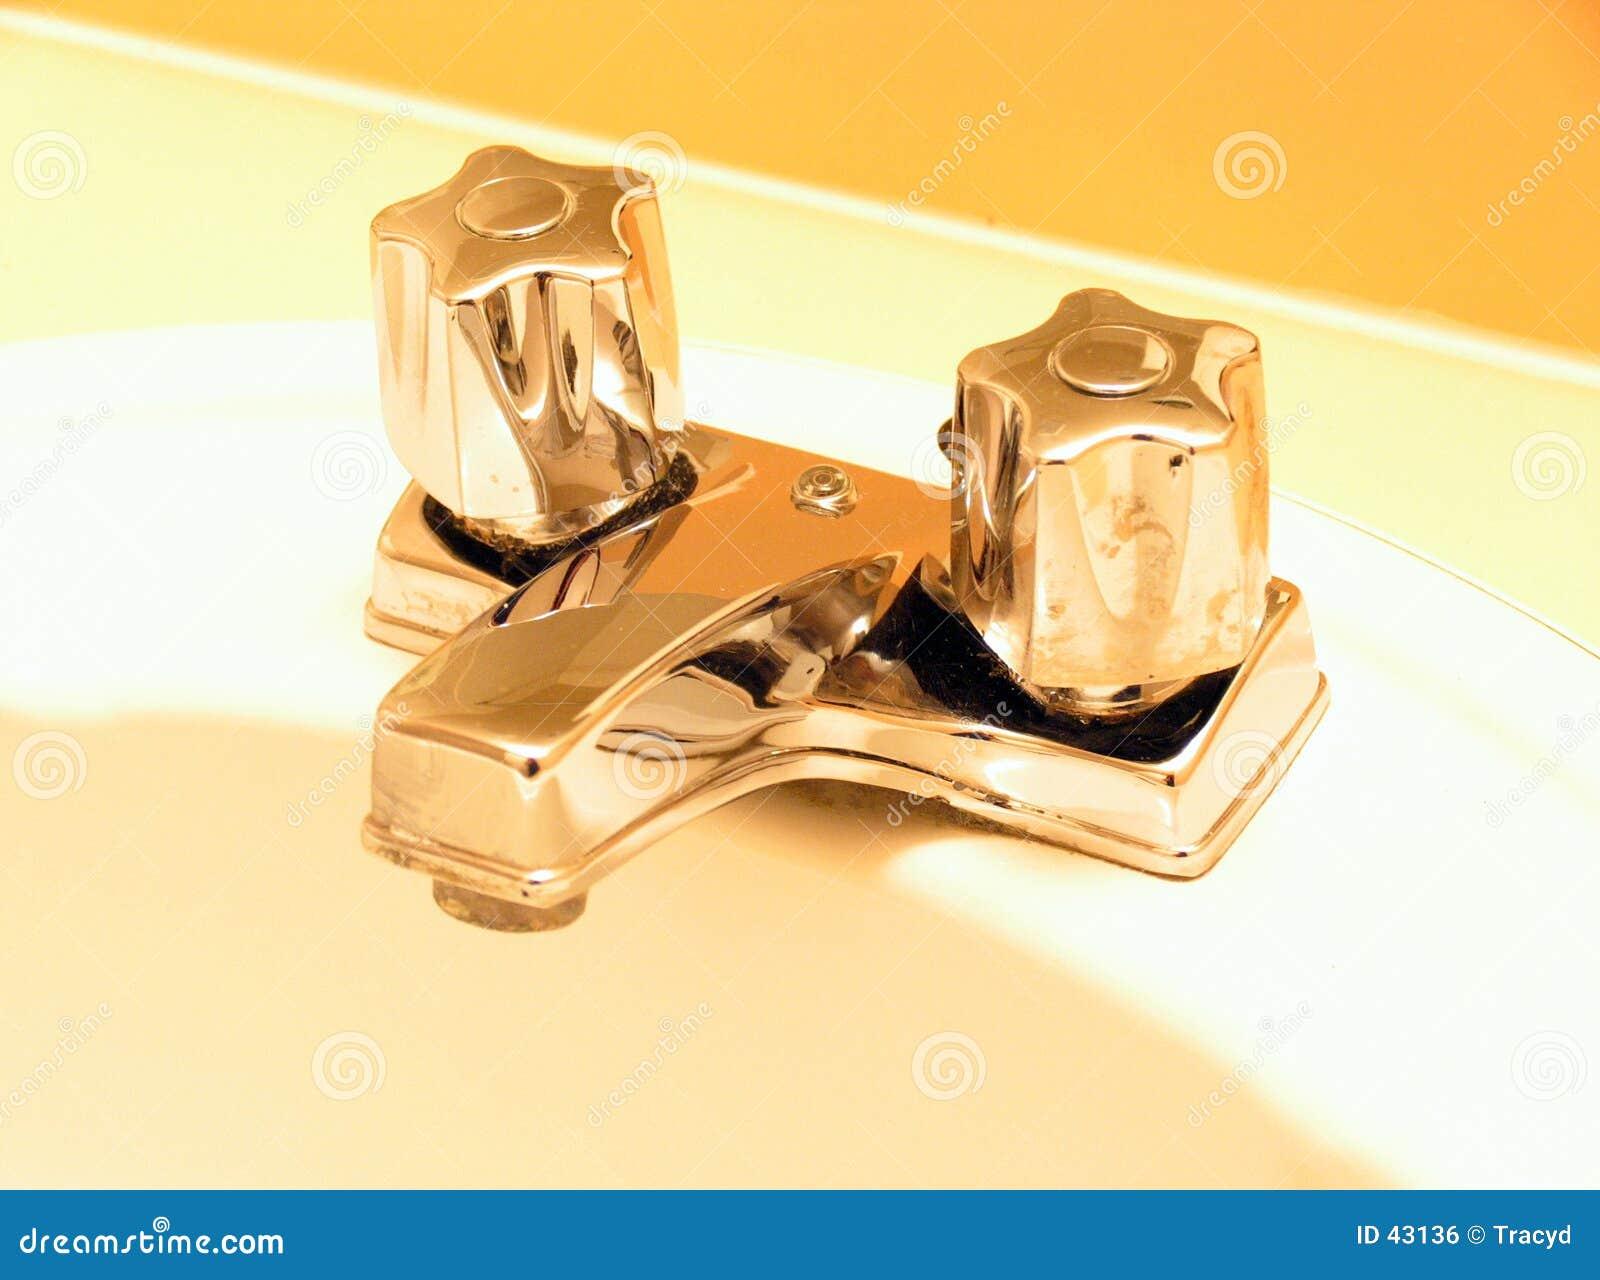 Golden Taps